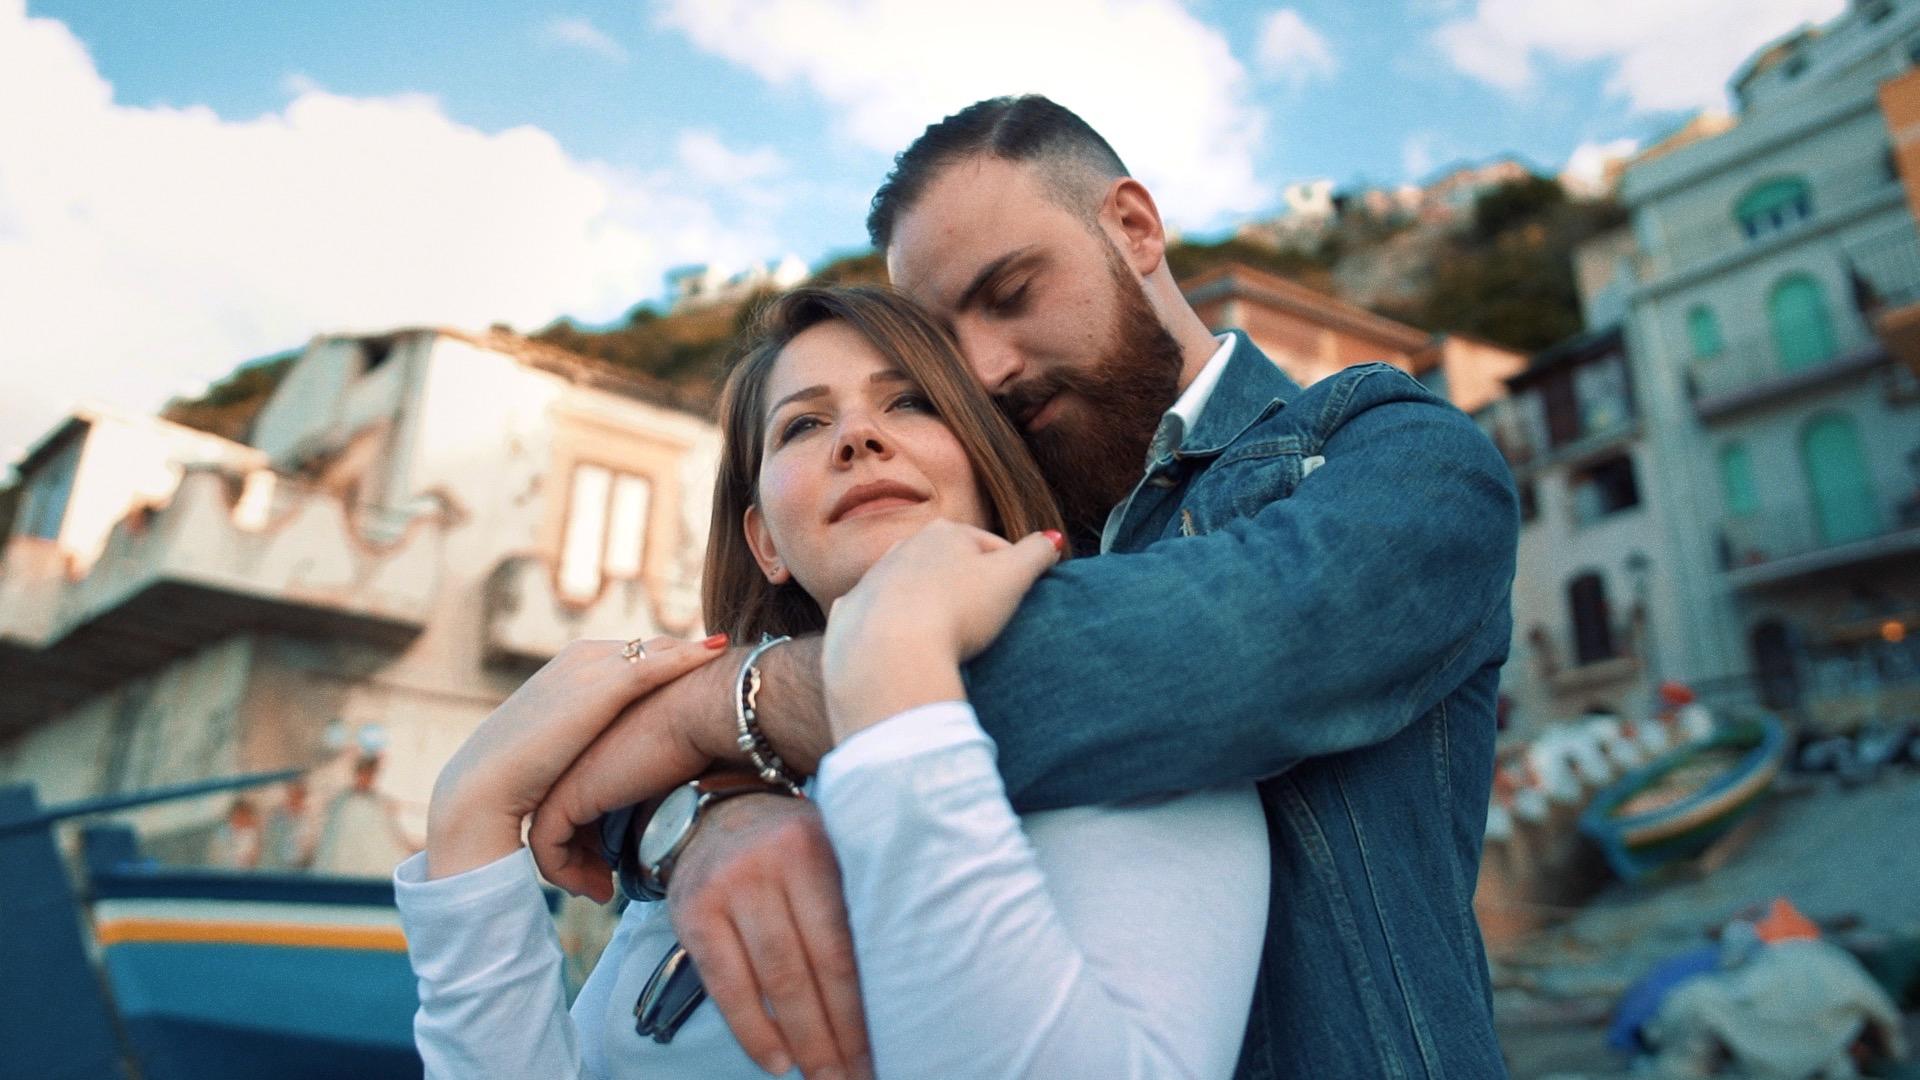 uomo abbraccia la sua donna nella splendida atmosfera di scilla